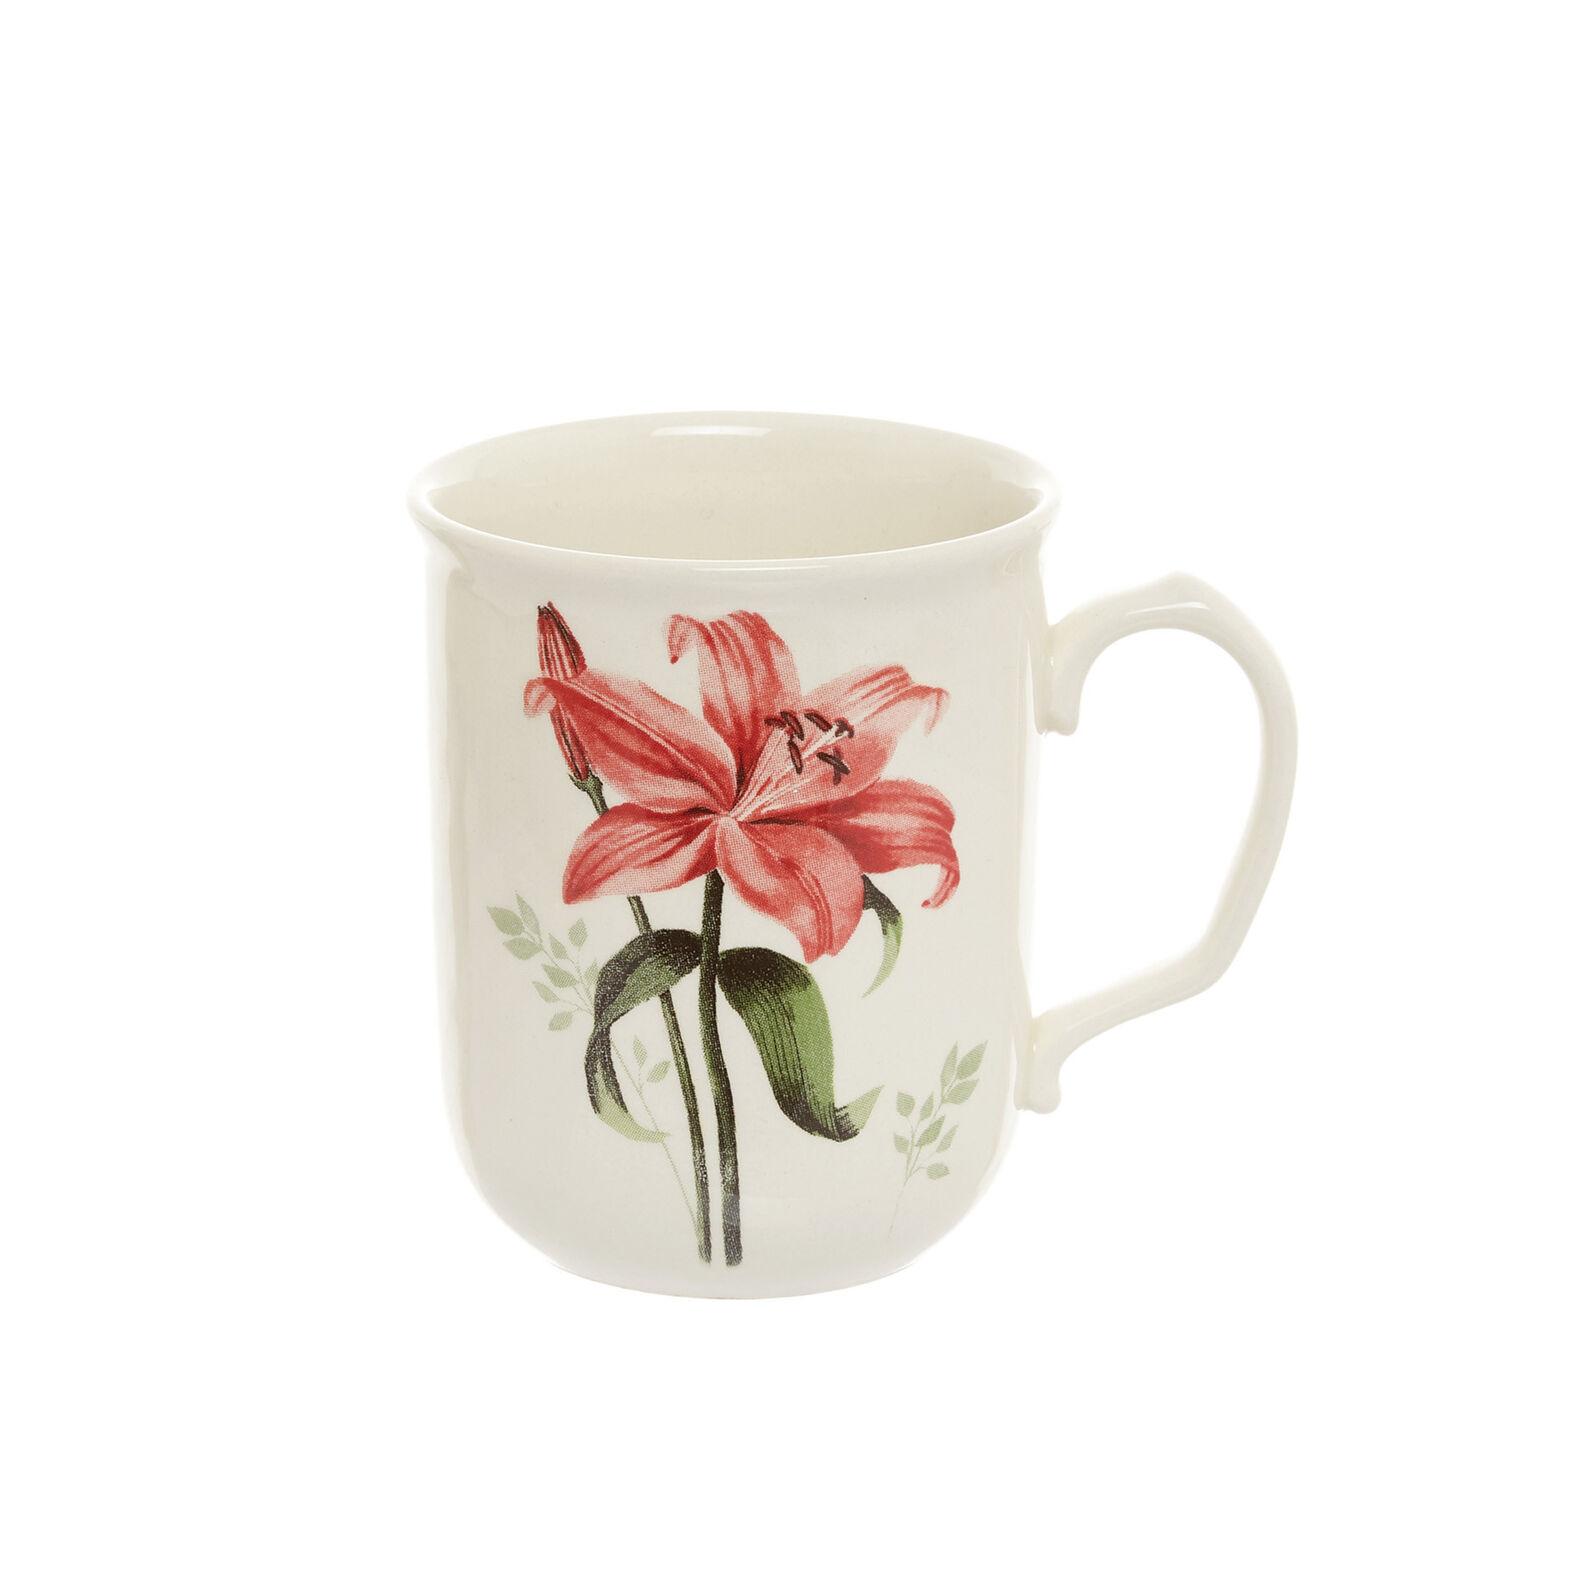 Rosemary ceramic mug